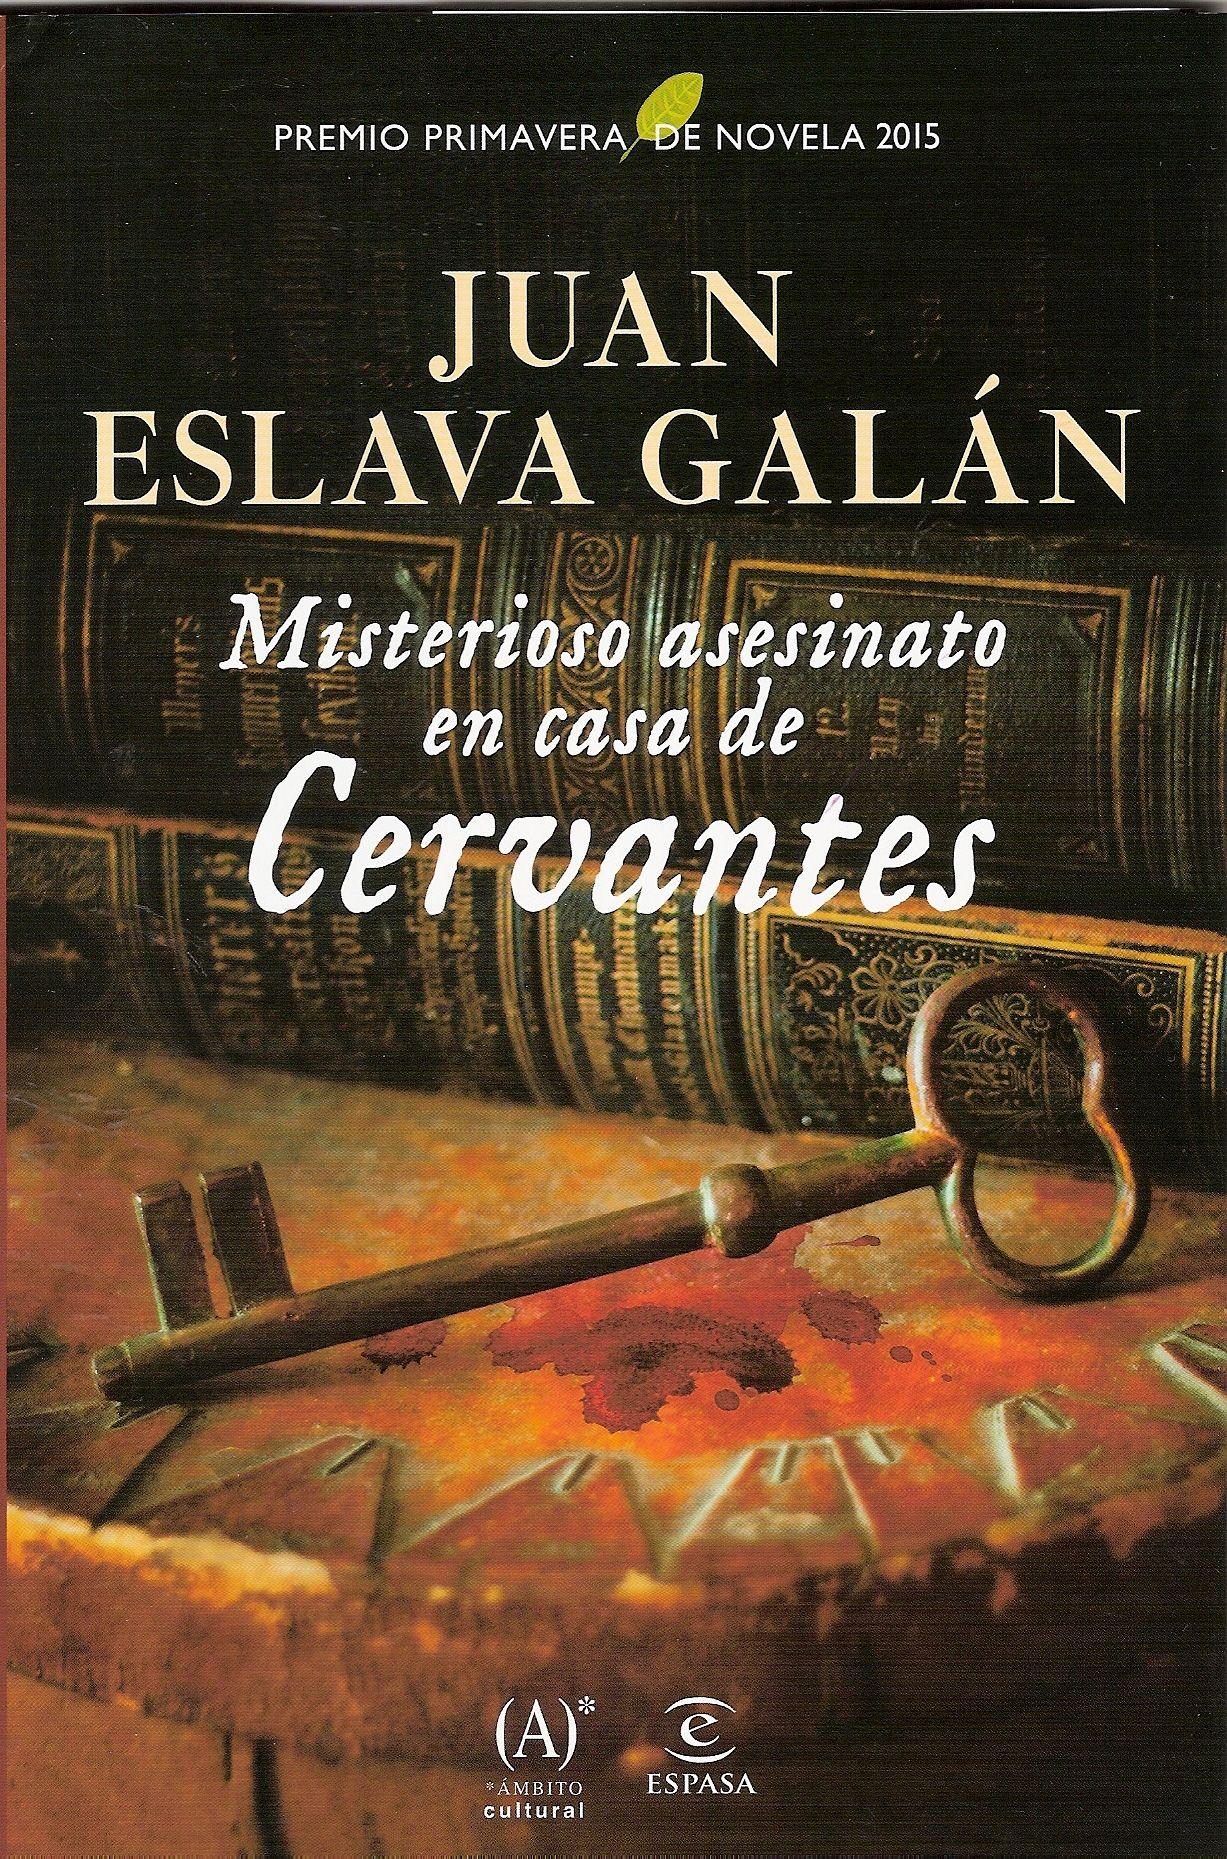 """Juan Eslava Galán. """"El misterioso asesinato en casa de Cervantes"""". Editorial Espasa"""